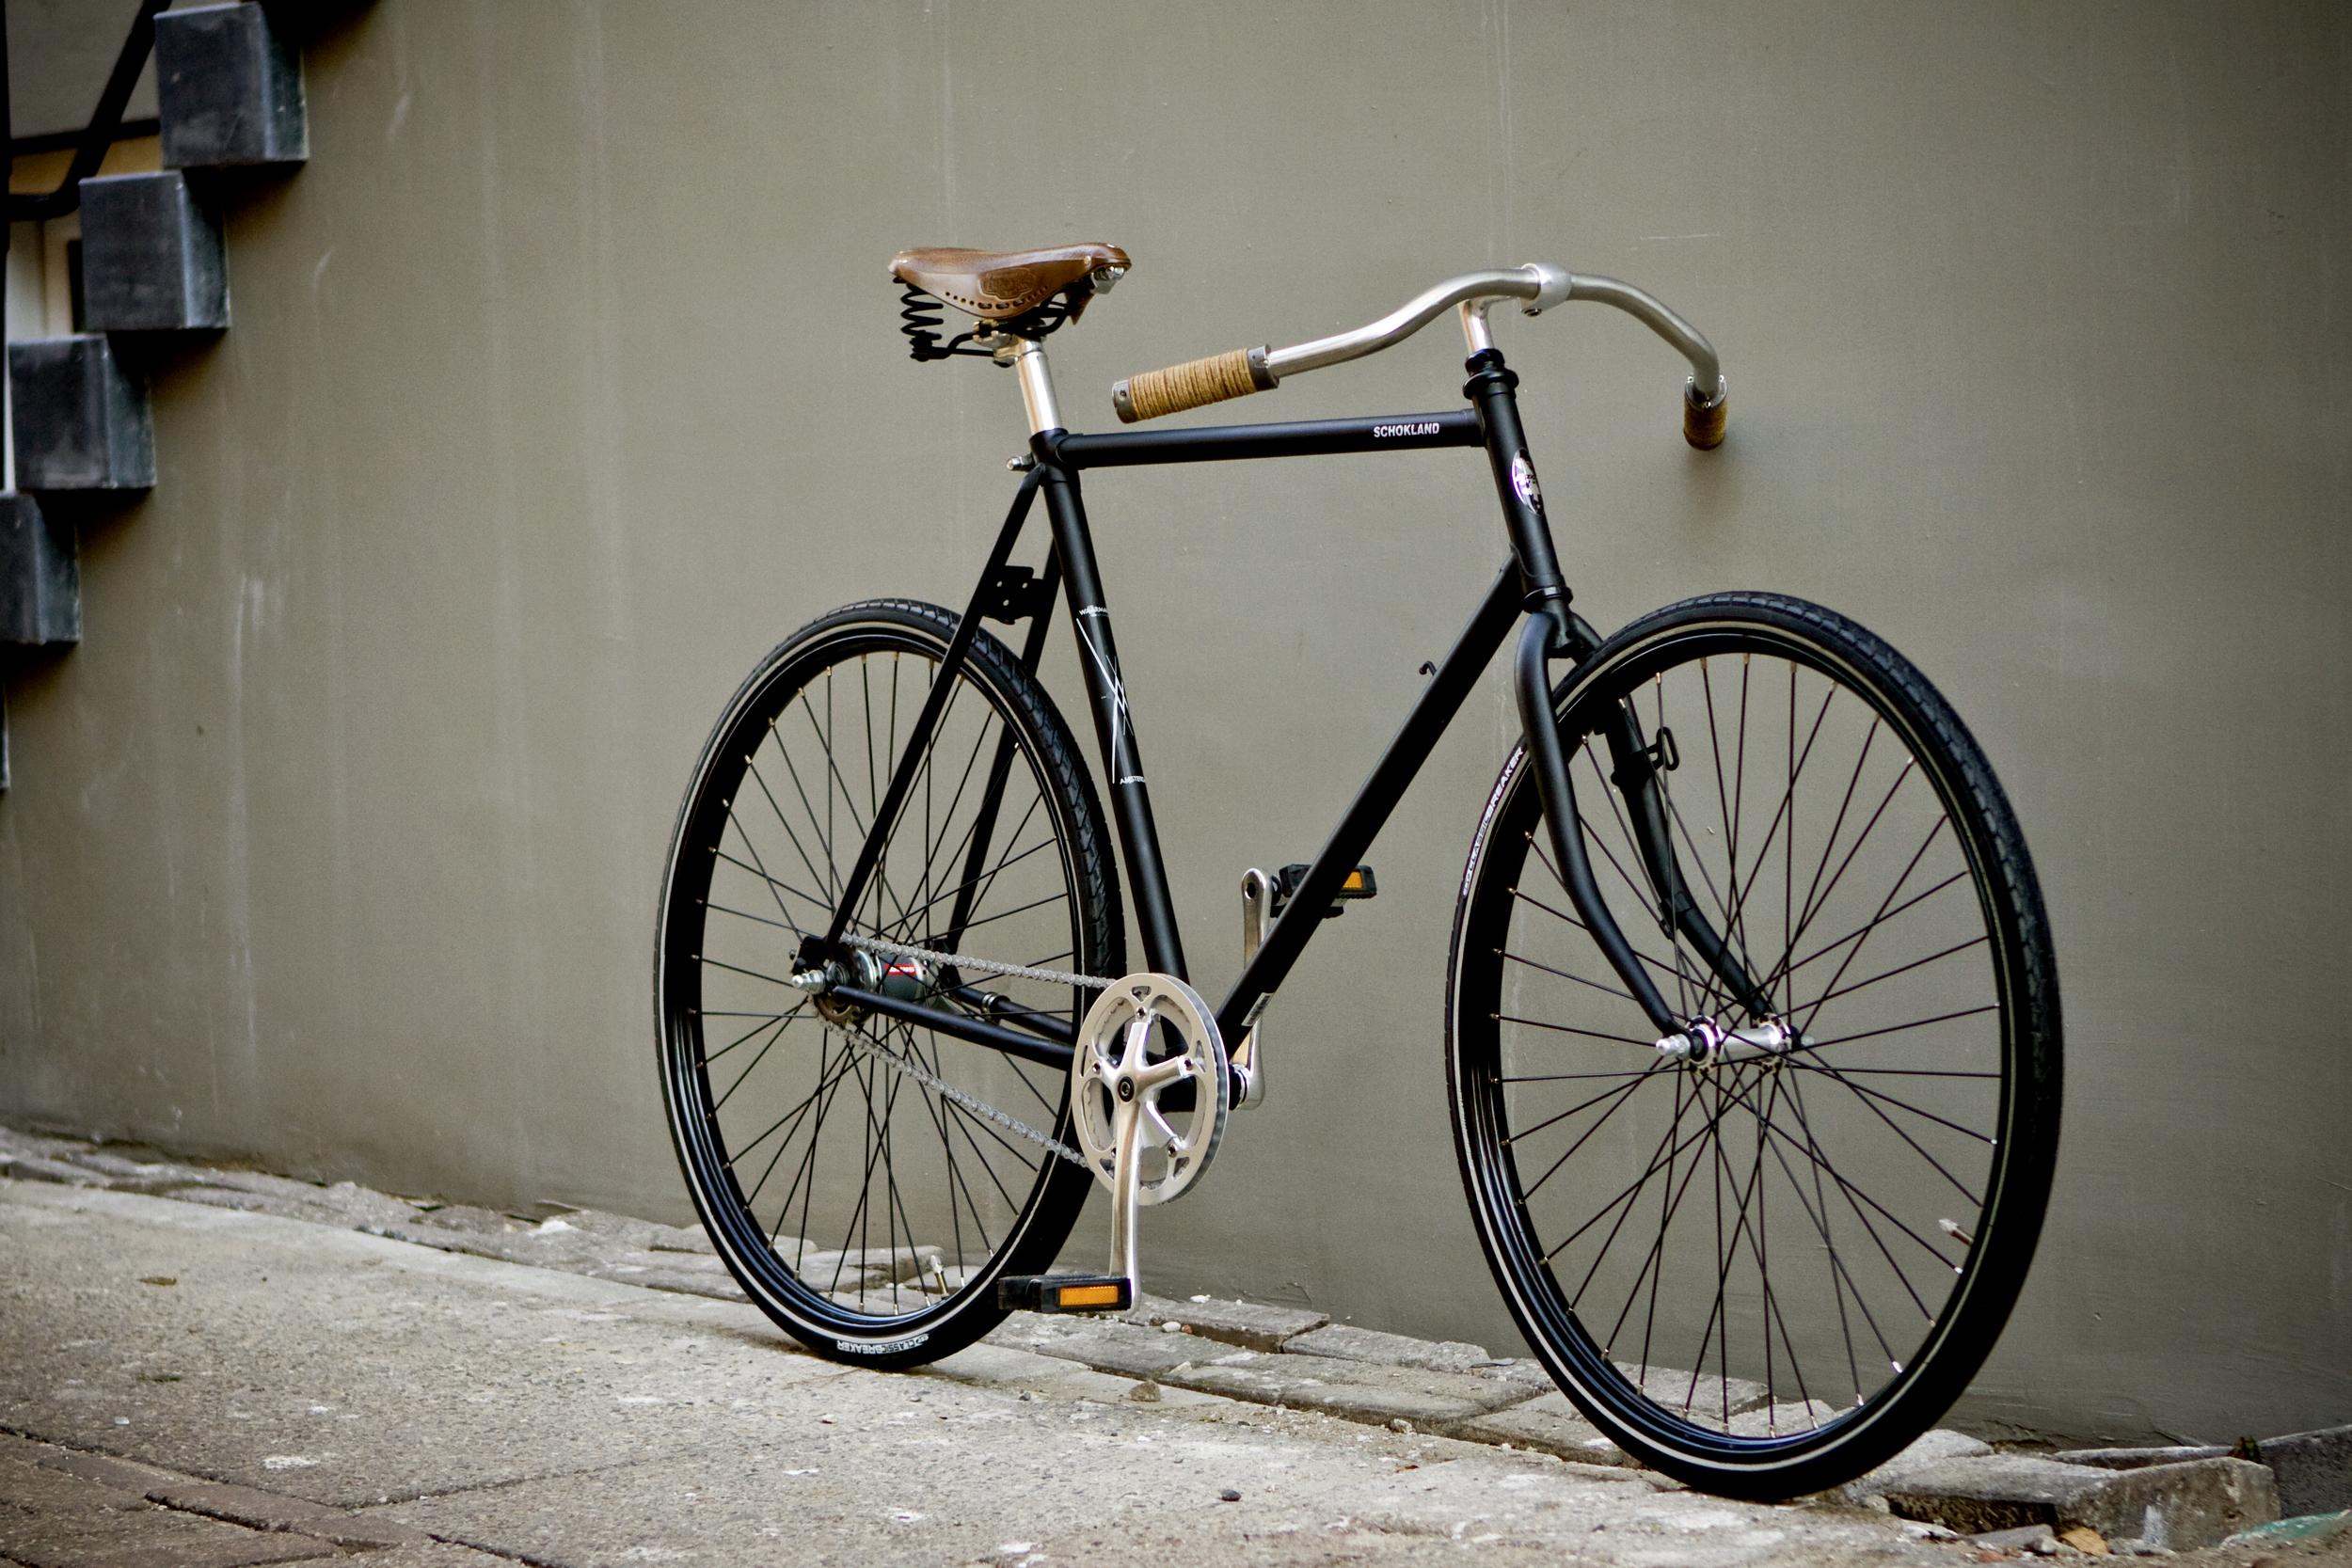 Waarmakers x Azor Bike - Schokland 1.jpg